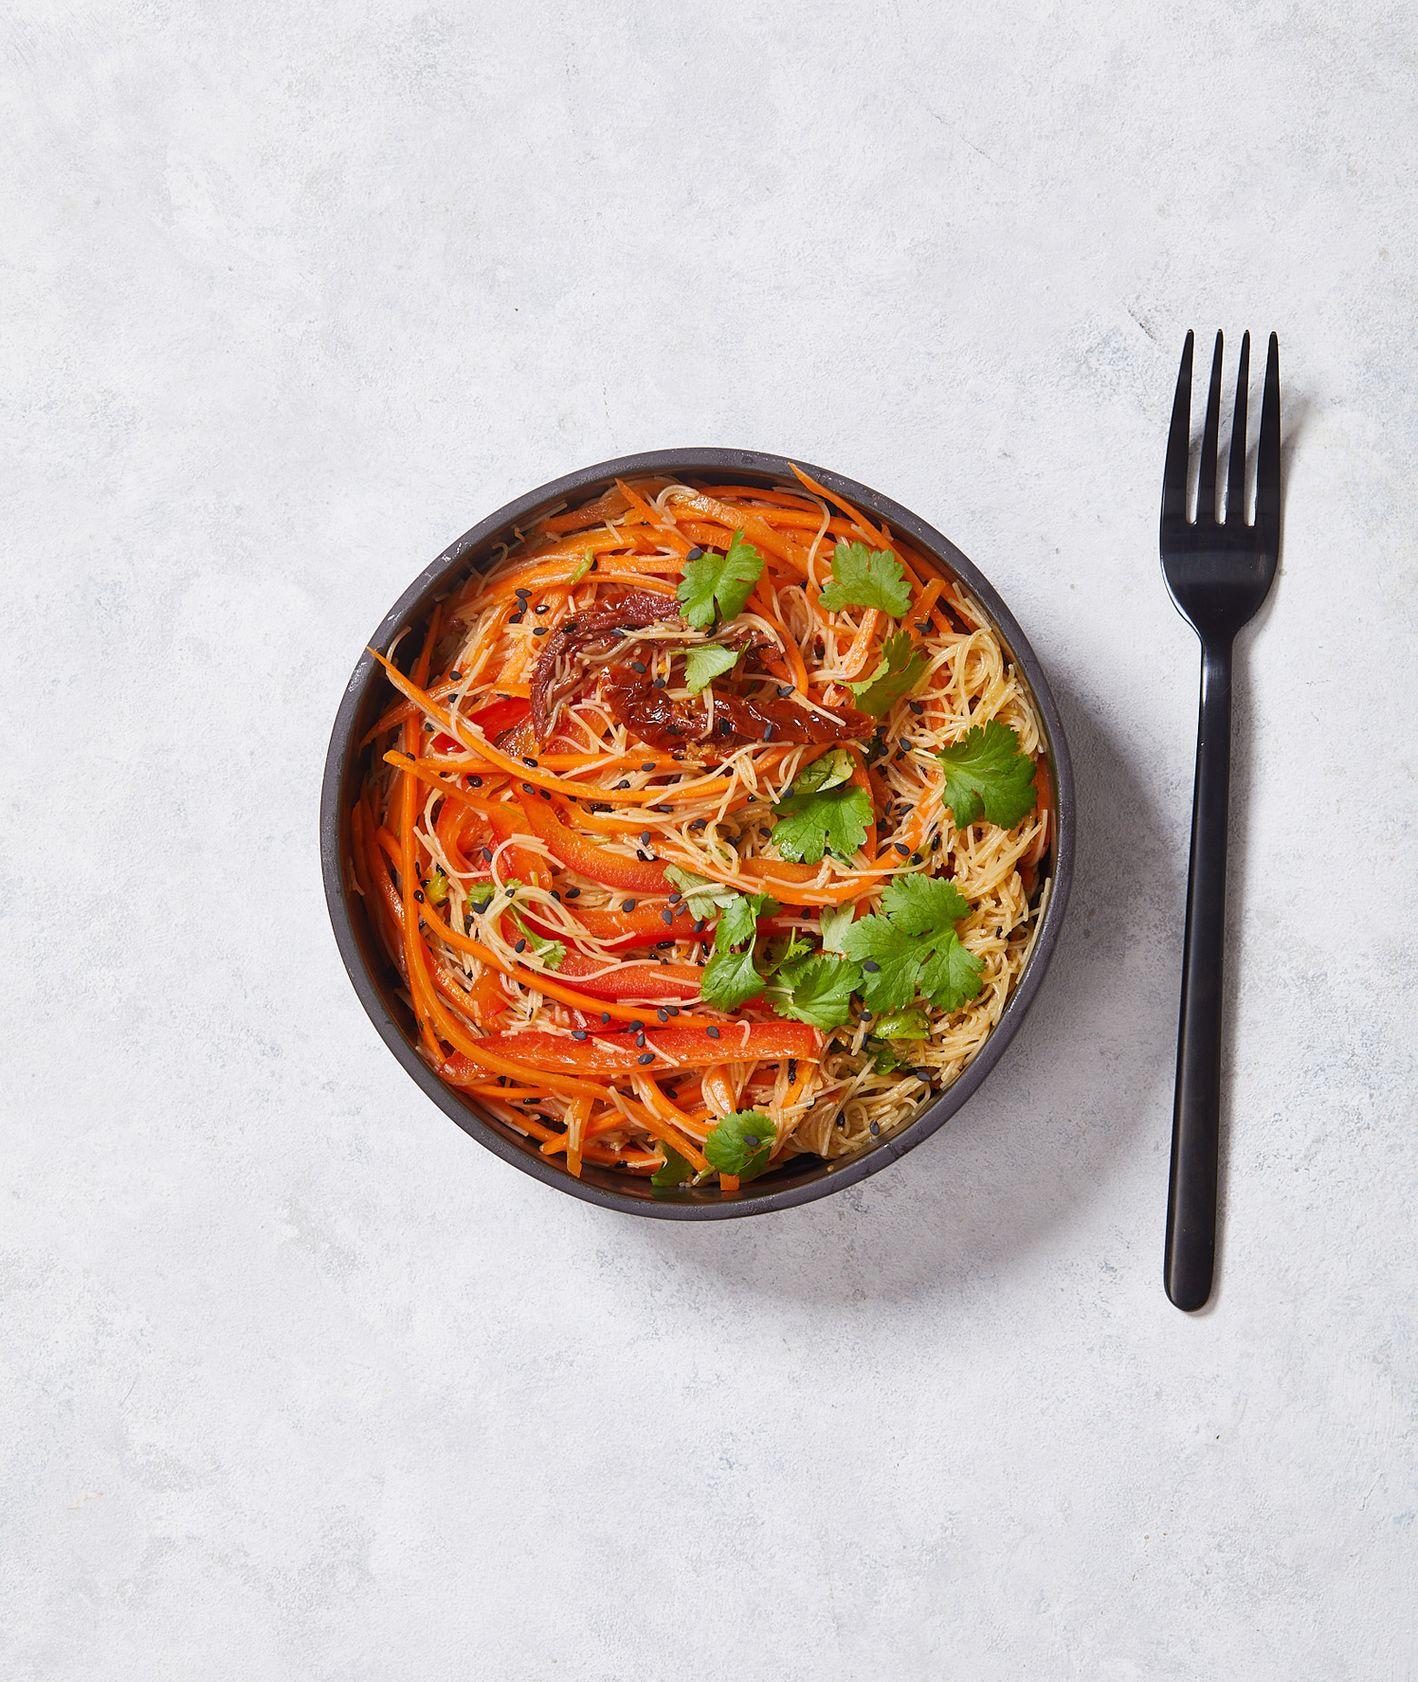 Zimowe sałaty. Sałatka z marchewki i makaronu ryżowego (fot. Maciek Niemojewski)